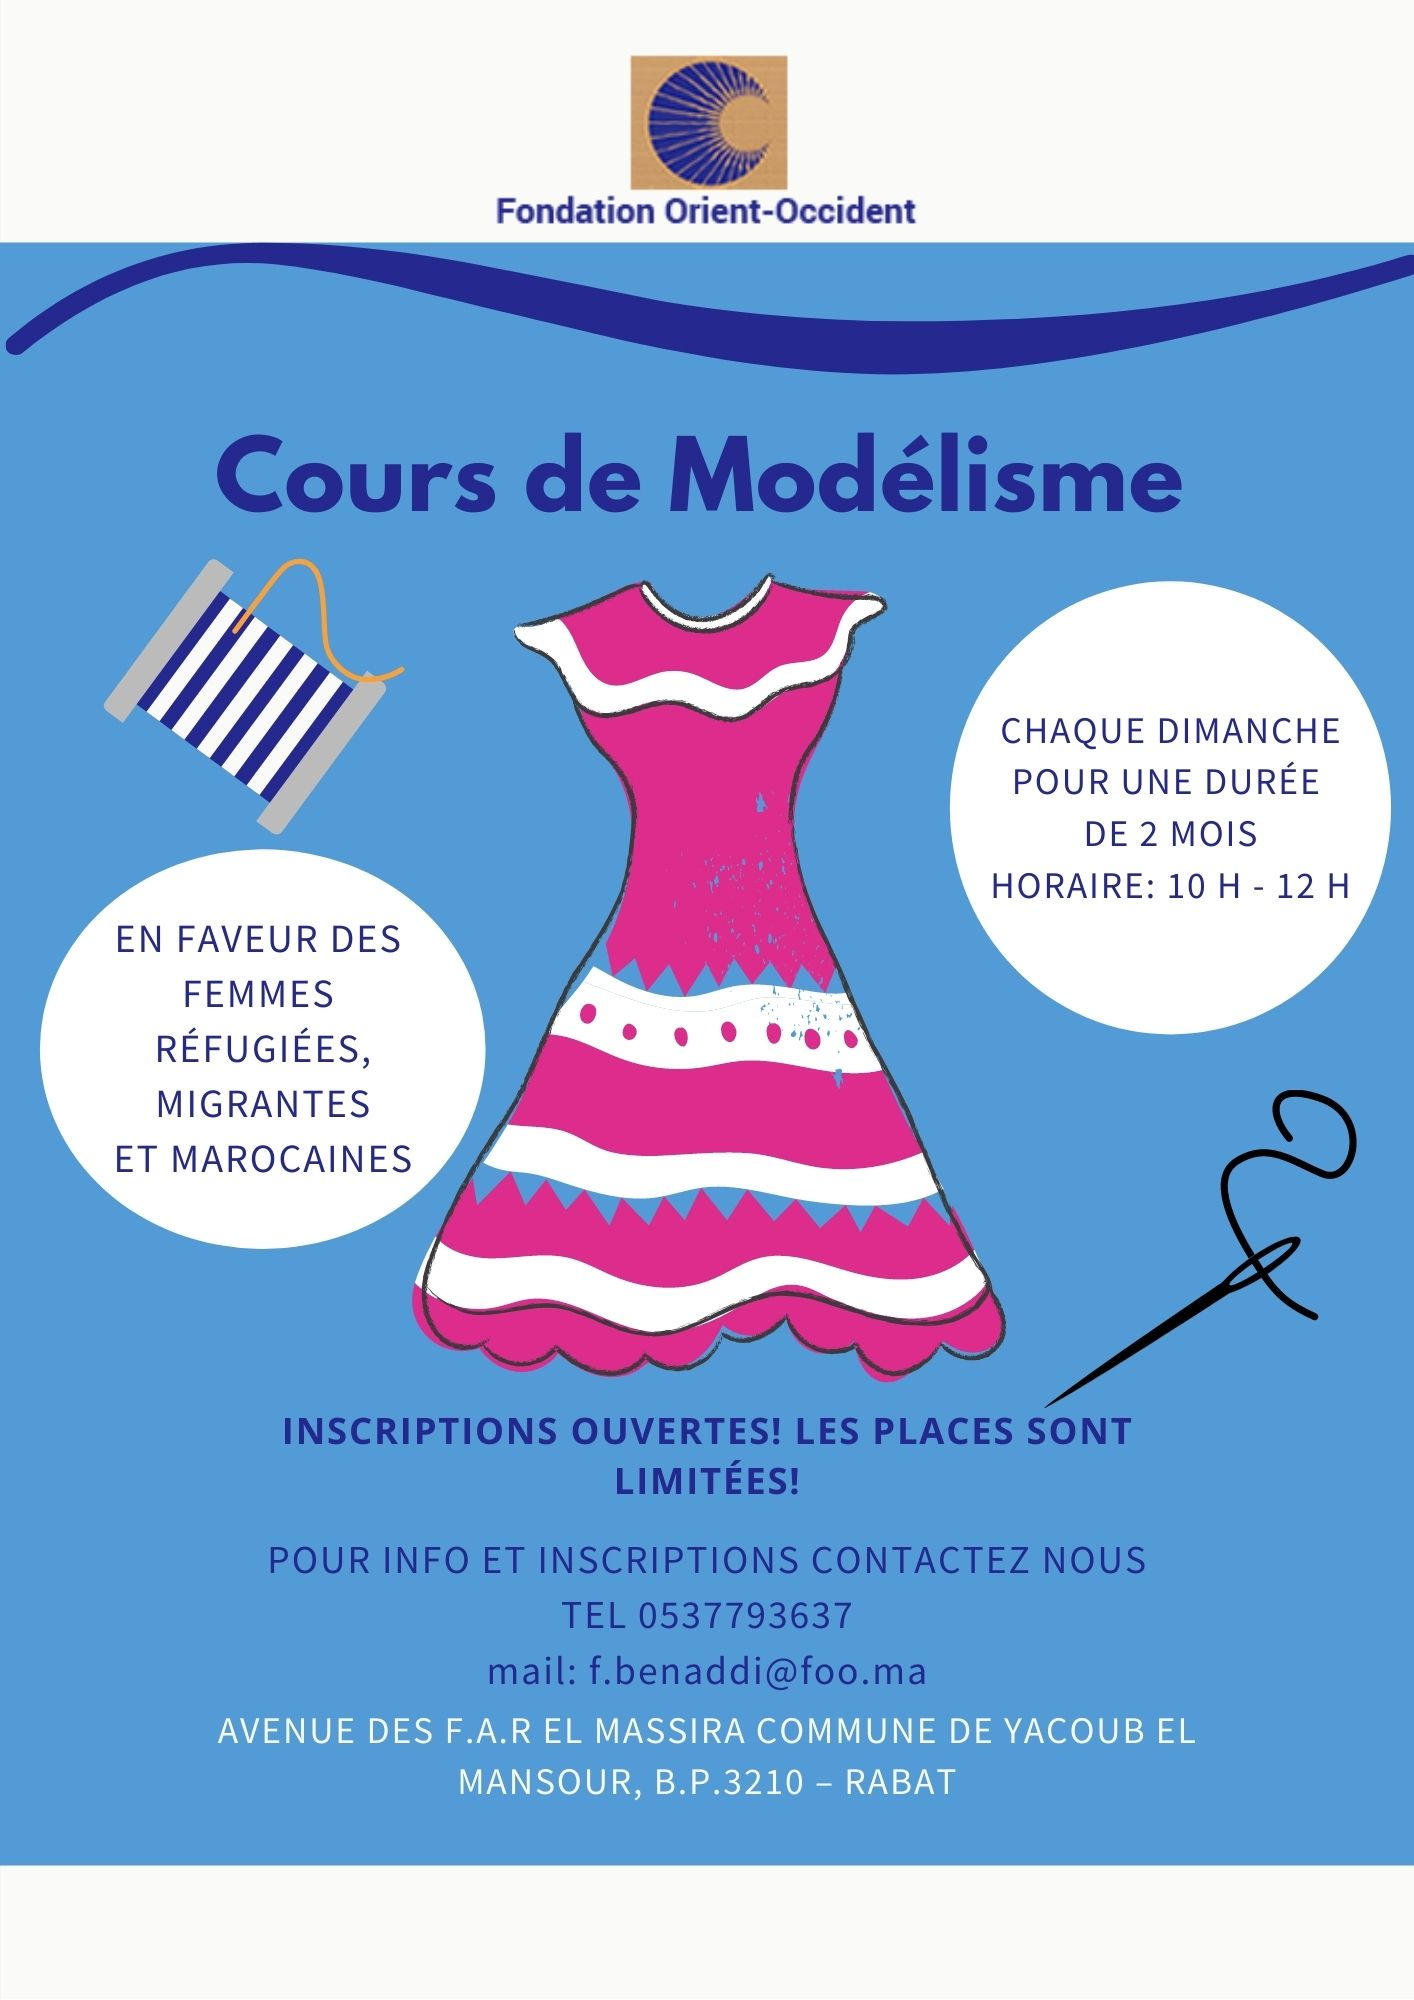 Cours de Modelisme à la Fondation Orient-Occident de Rabat